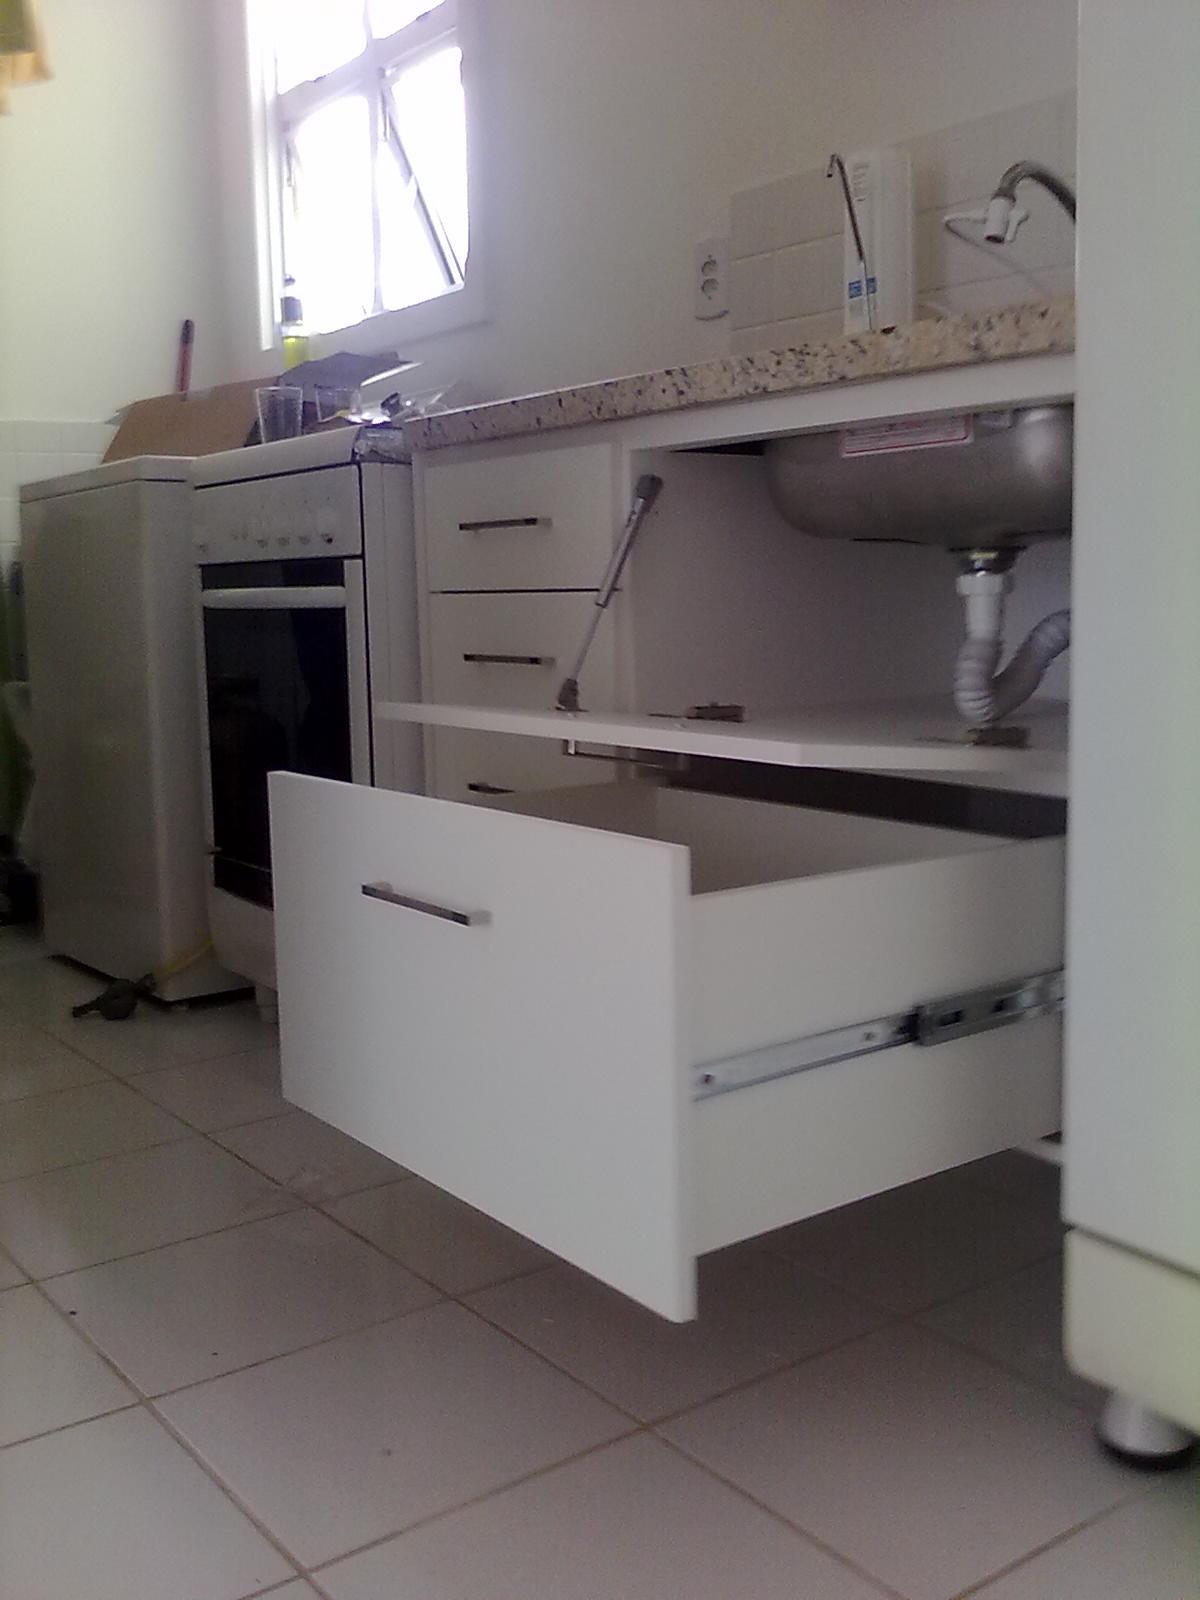 #716F5A Gabinete de pia de cozinha. 1200x1600 px Gabinete Para Pia De Cozinha Lojas Americanas_3501 Imagens